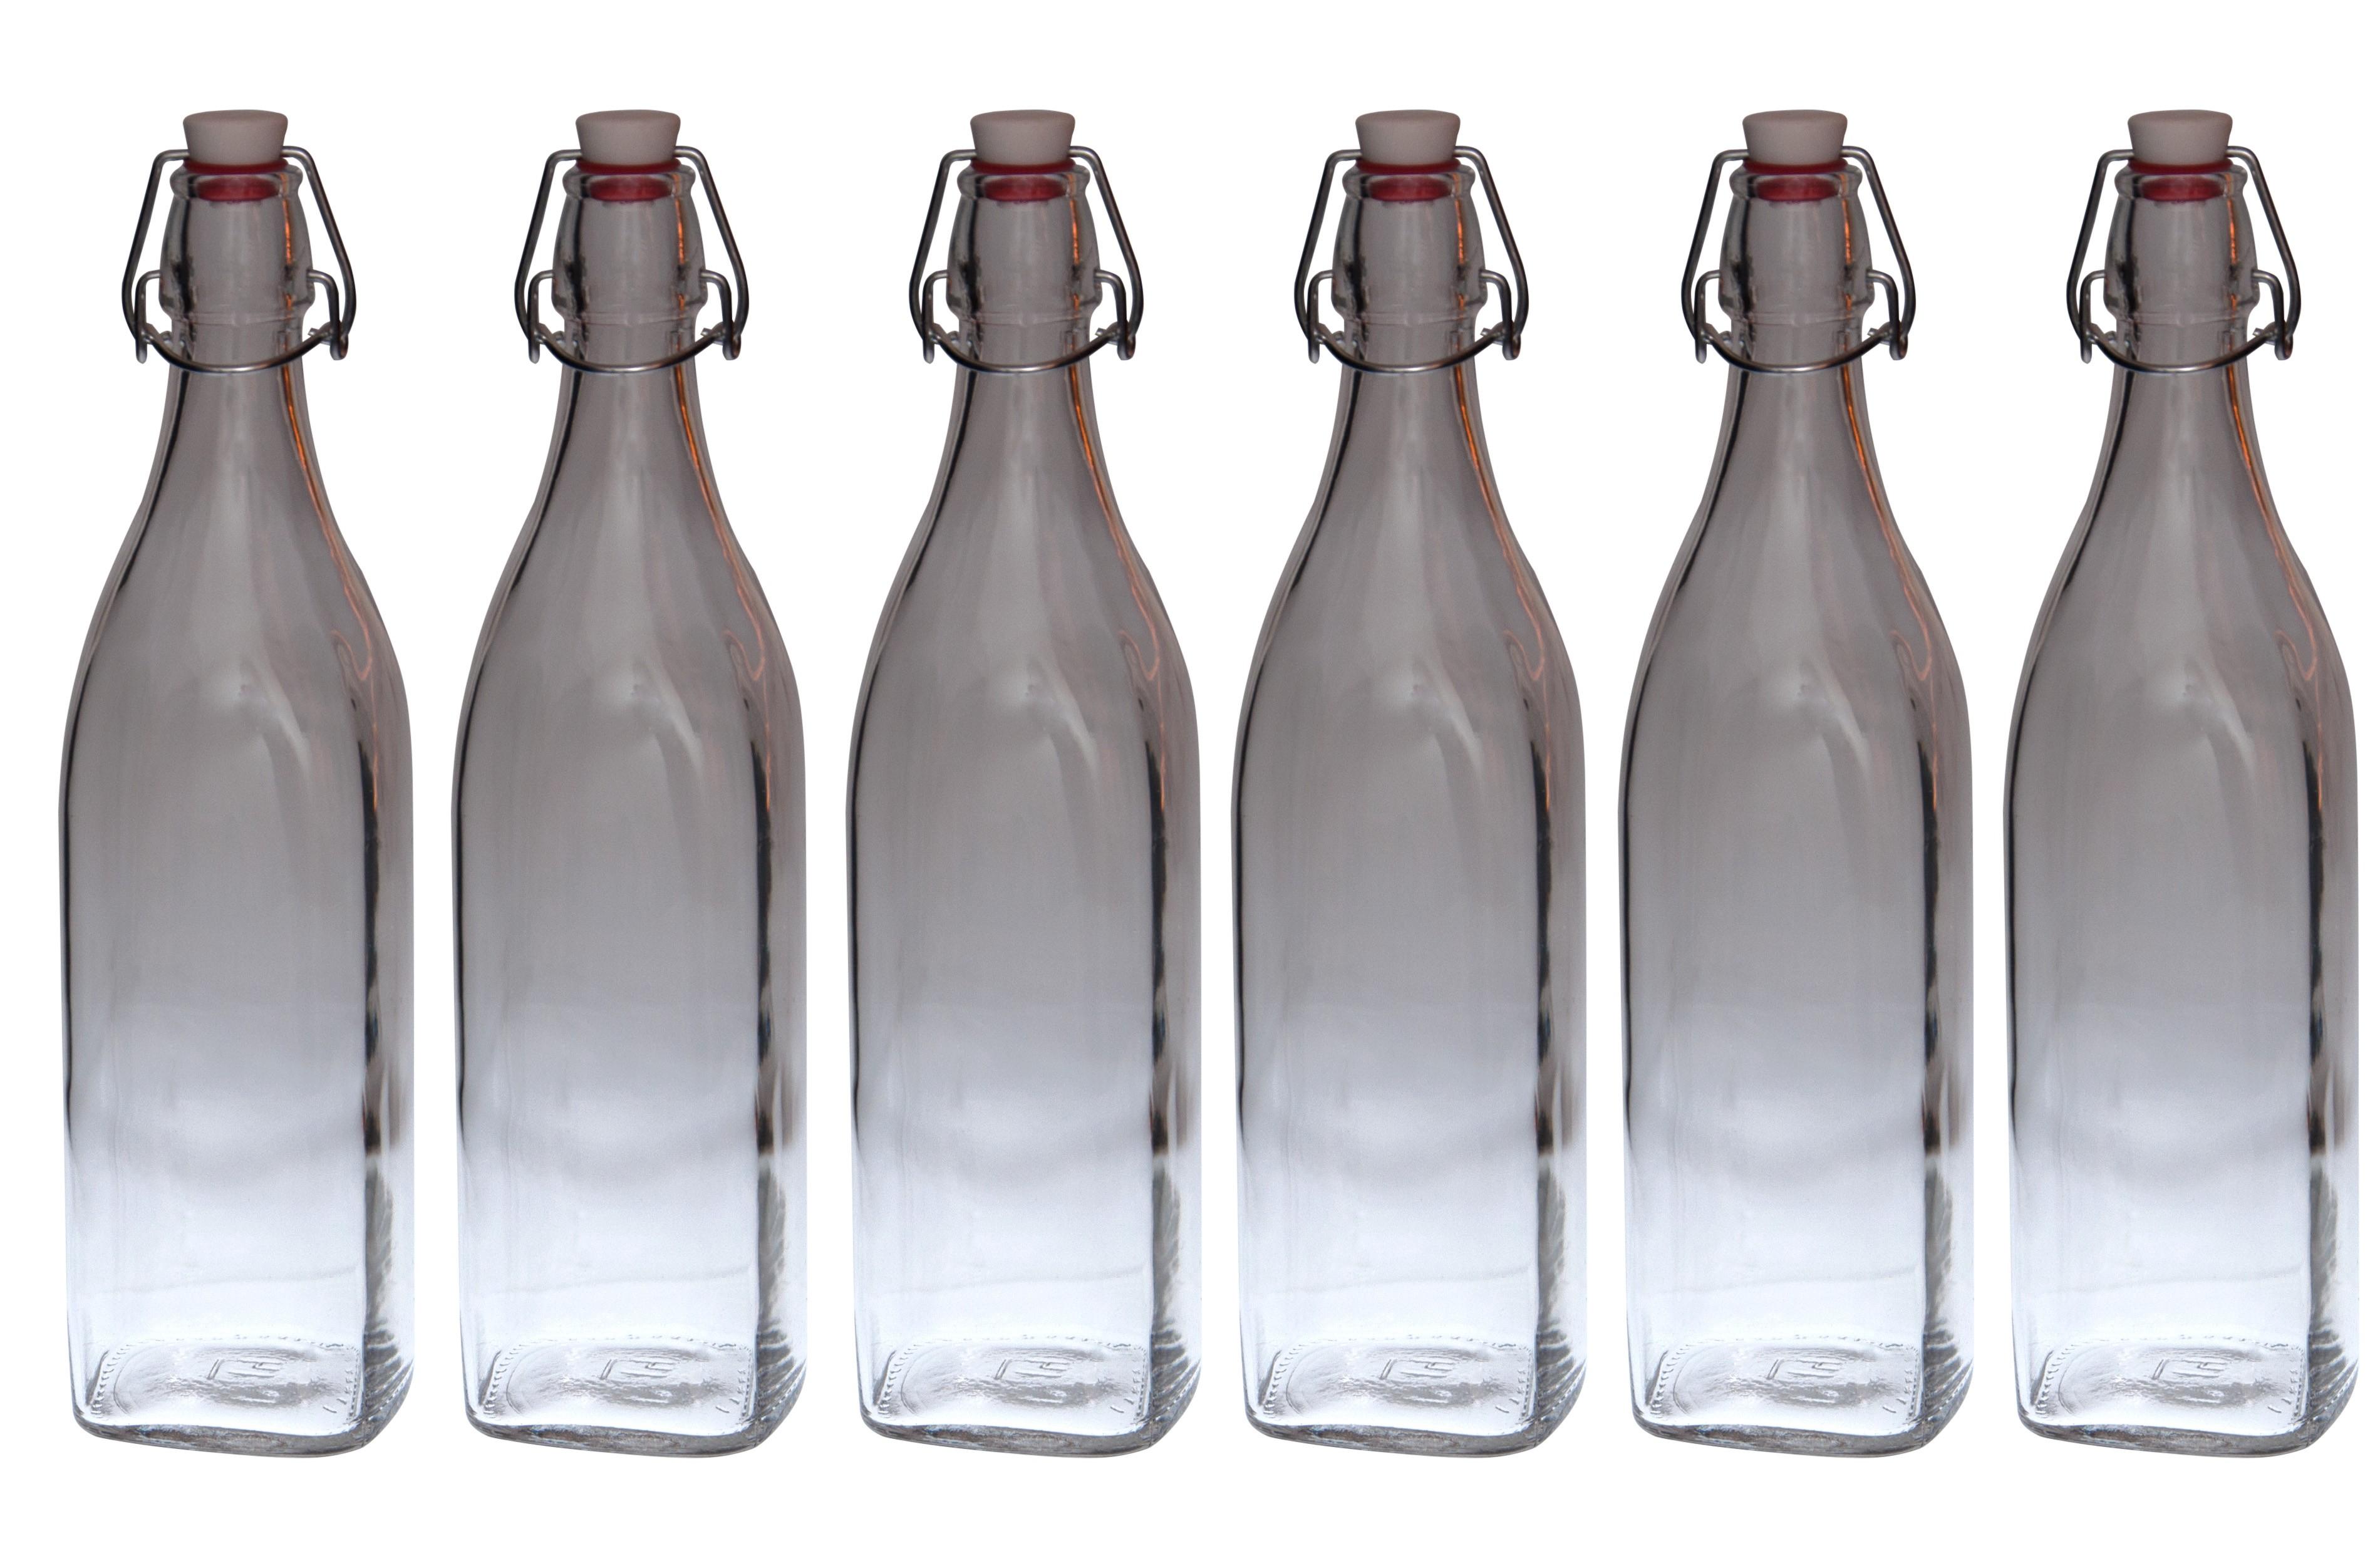 6er set glasflaschen swing mit b gelverschluss 1 00l schnaps lik r l abf llen ebay. Black Bedroom Furniture Sets. Home Design Ideas